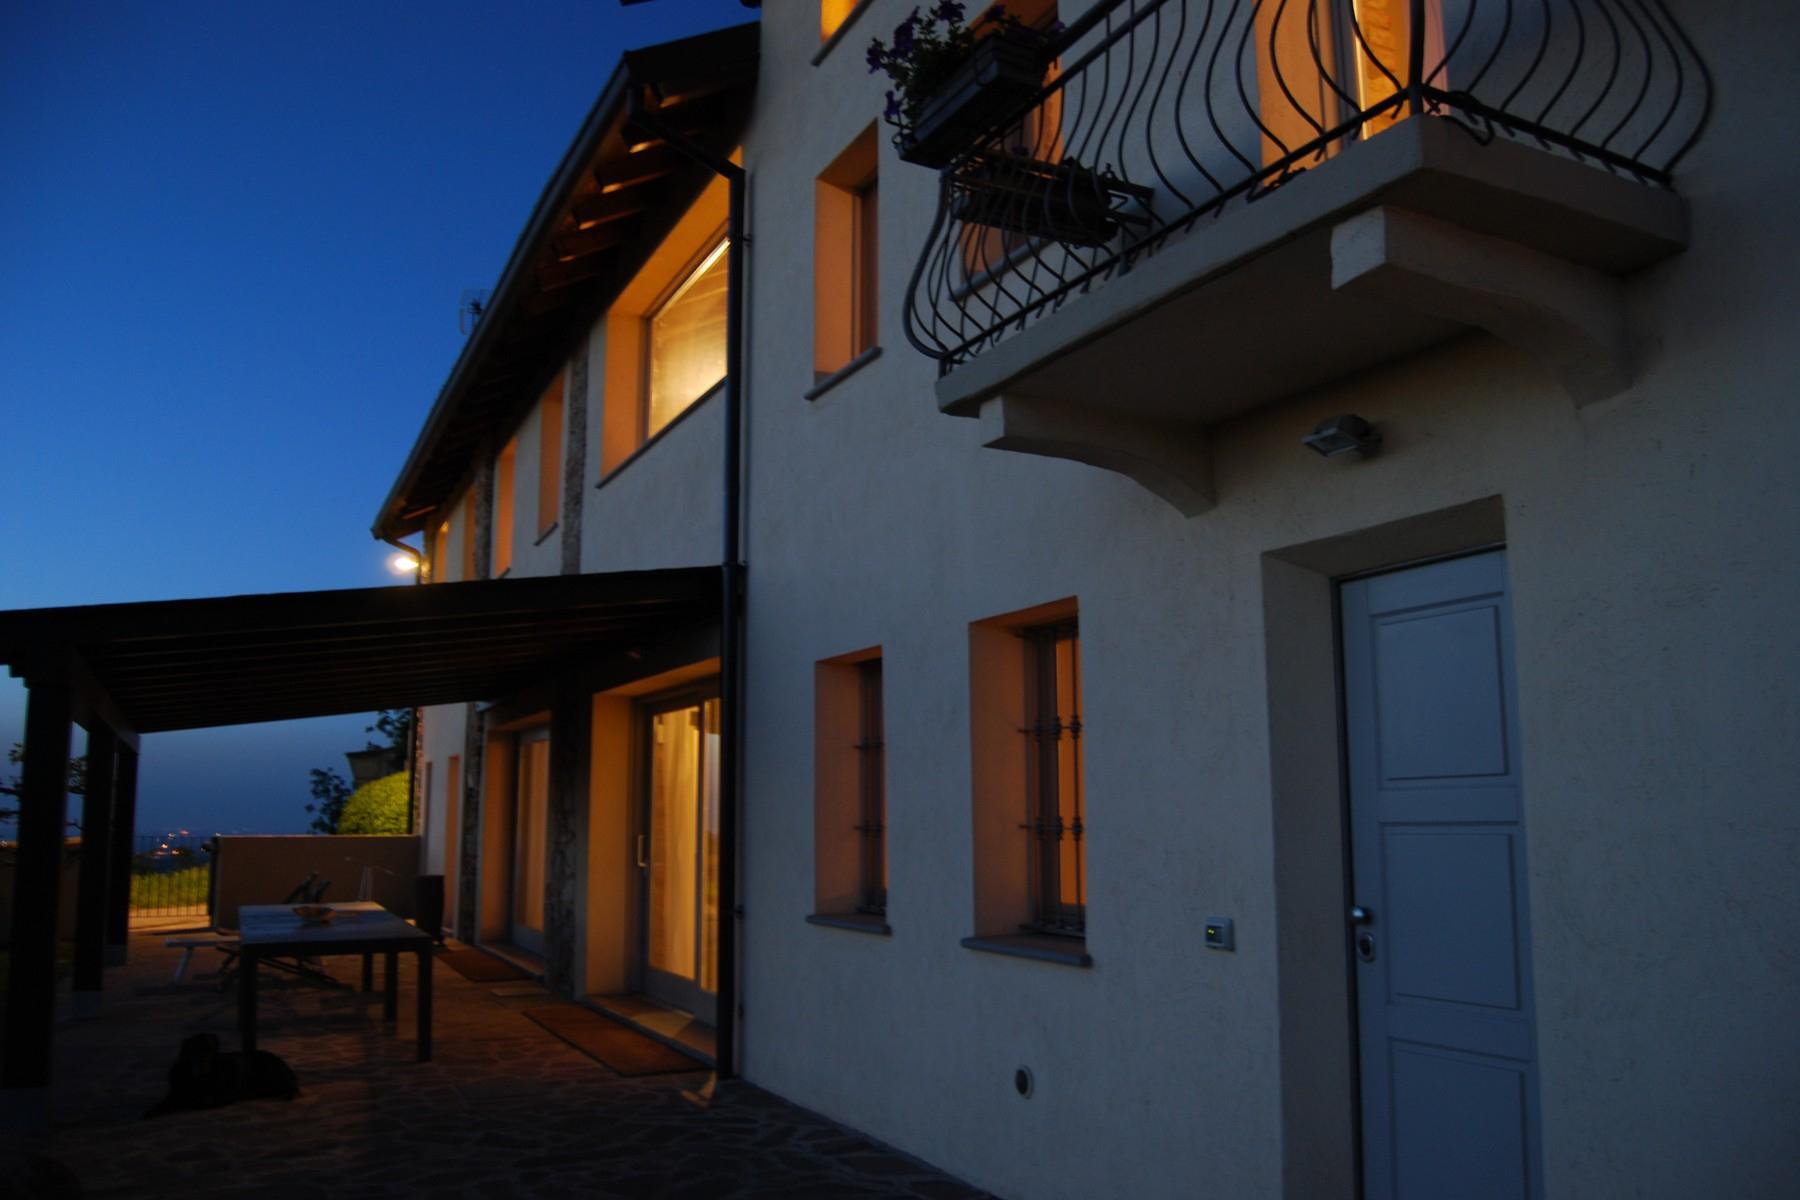 Rustico in Vendita a Montemarzino: 5 locali, 300 mq - Foto 29